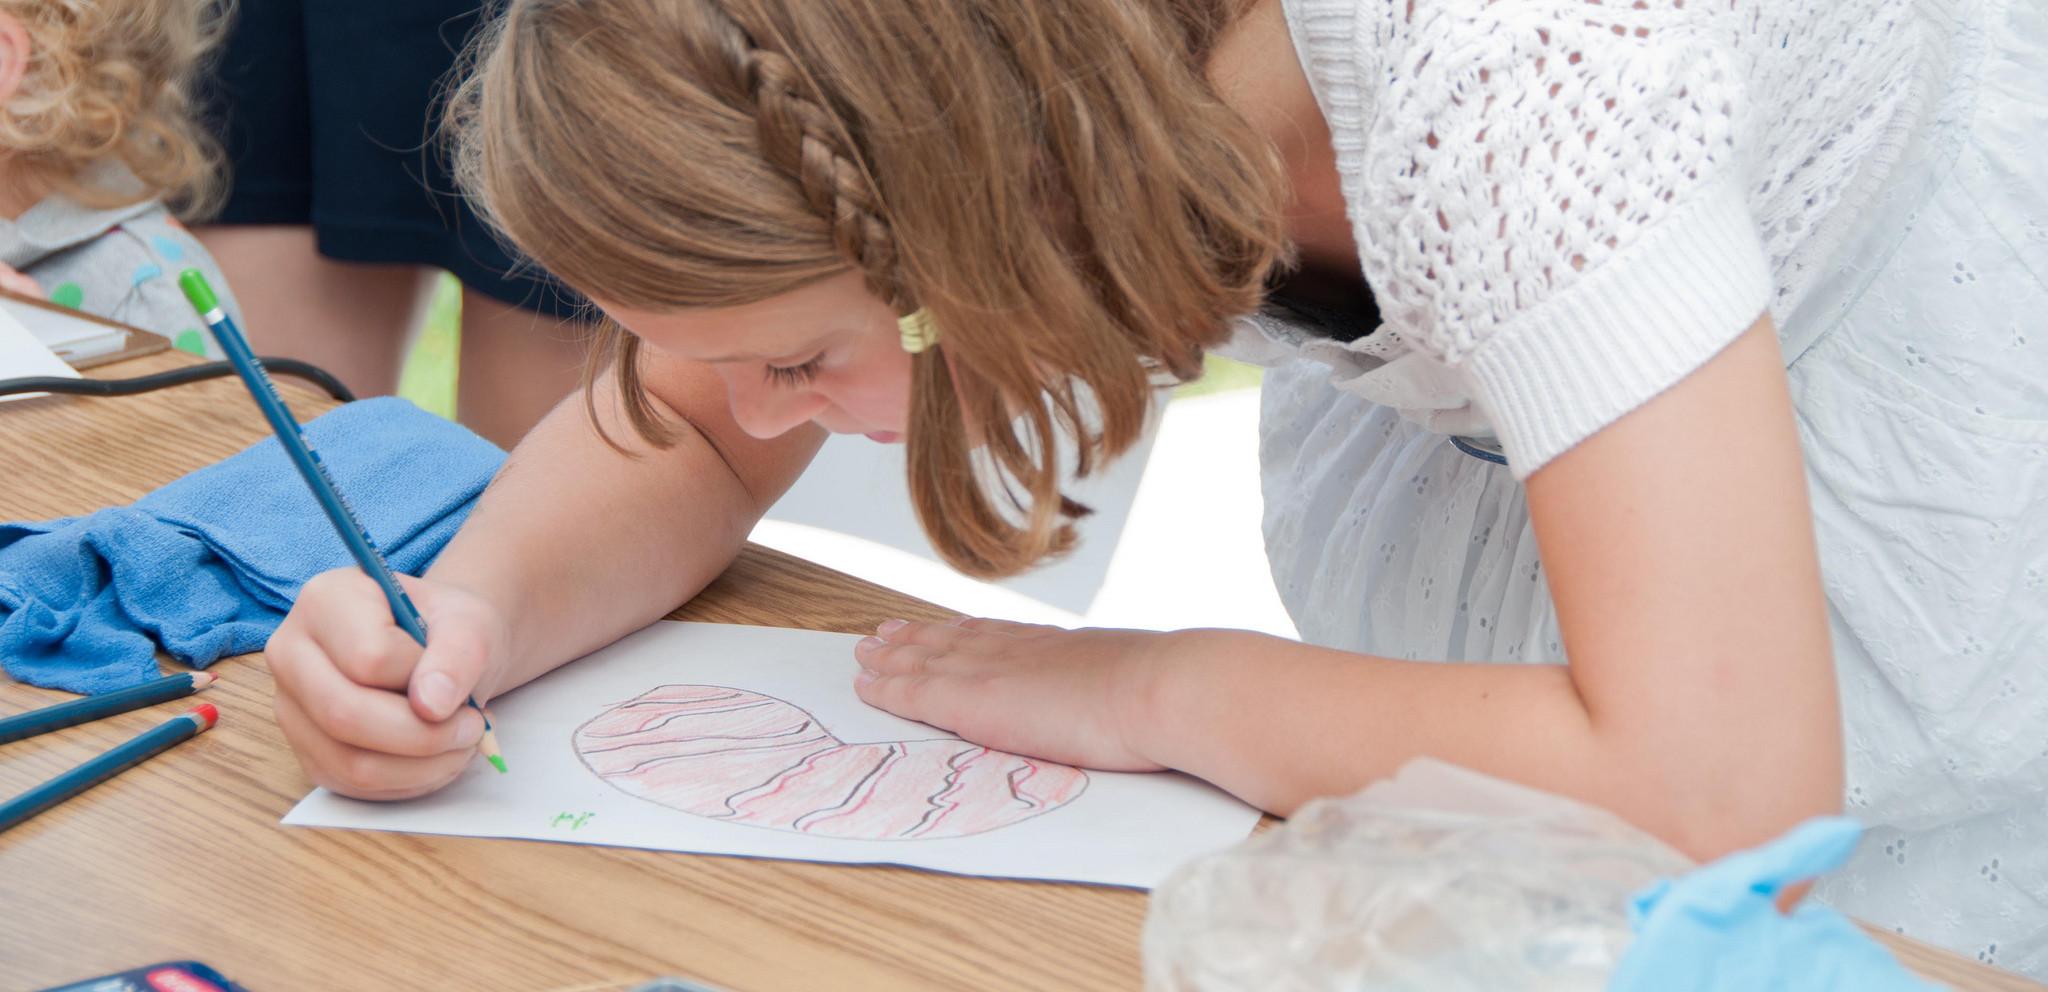 A-desenhar-um-rim-e1425844323378.jpg